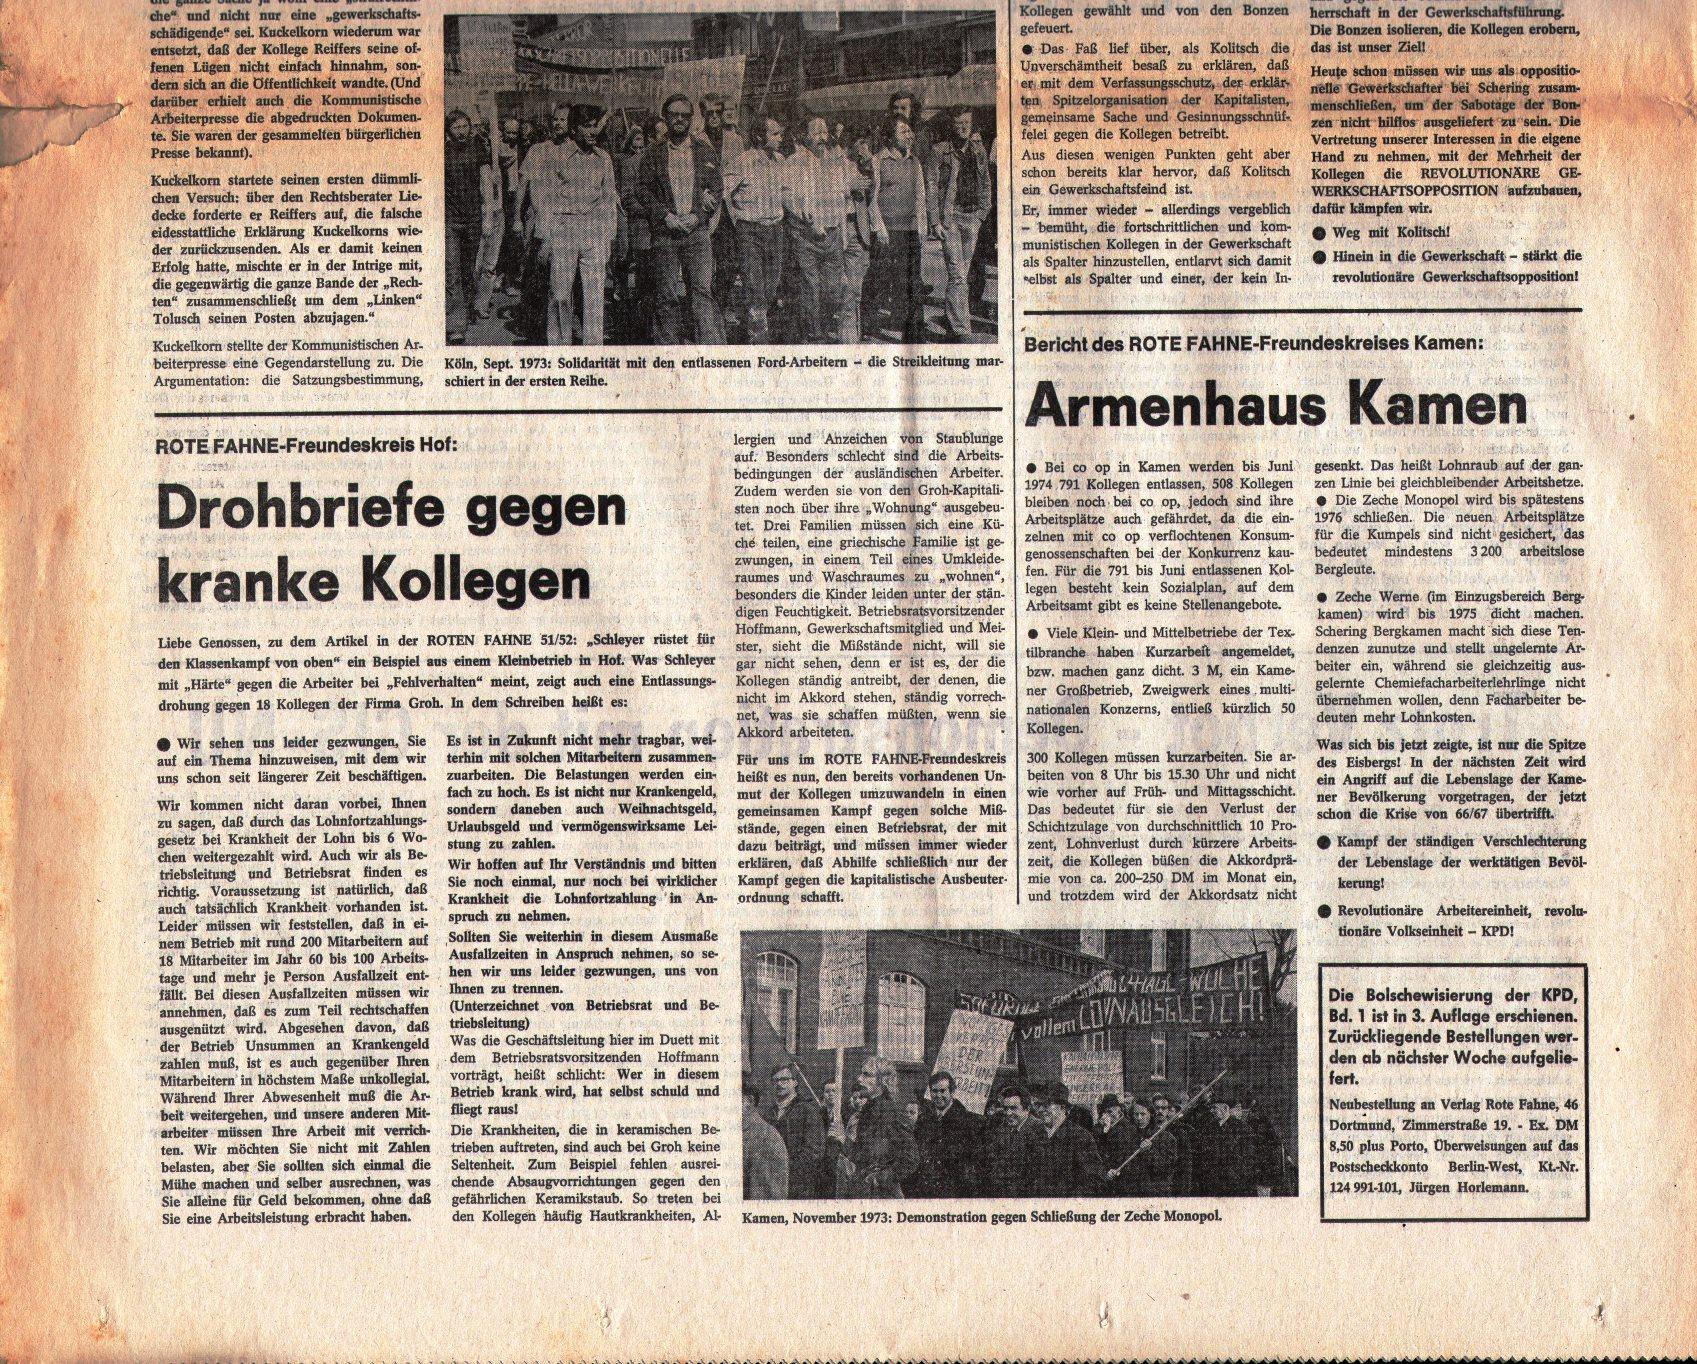 KPD_Rote_Fahne_1974_03_08